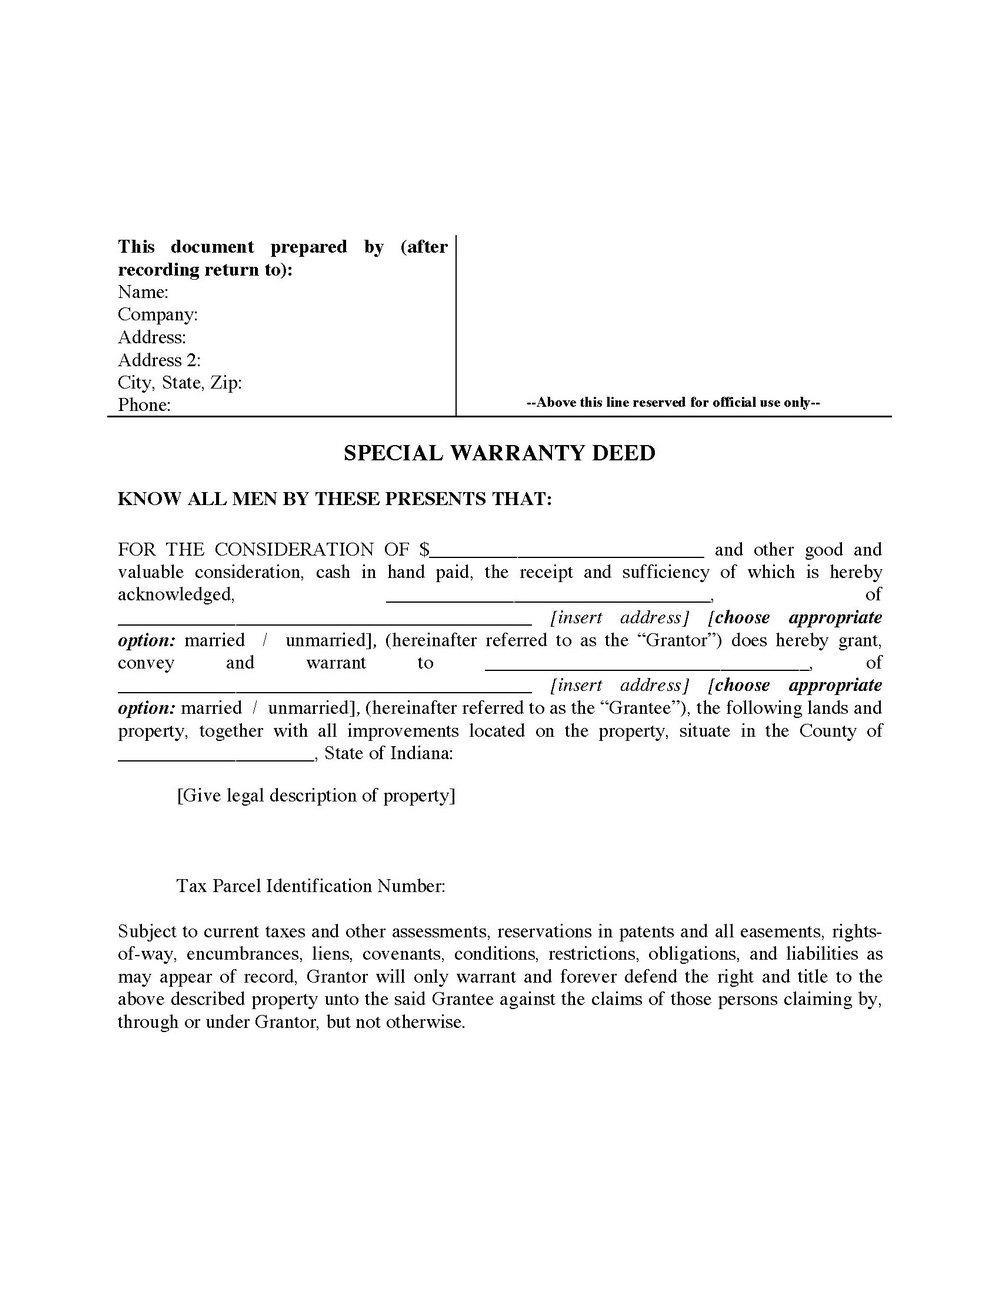 Warranty Deed Form Virginia